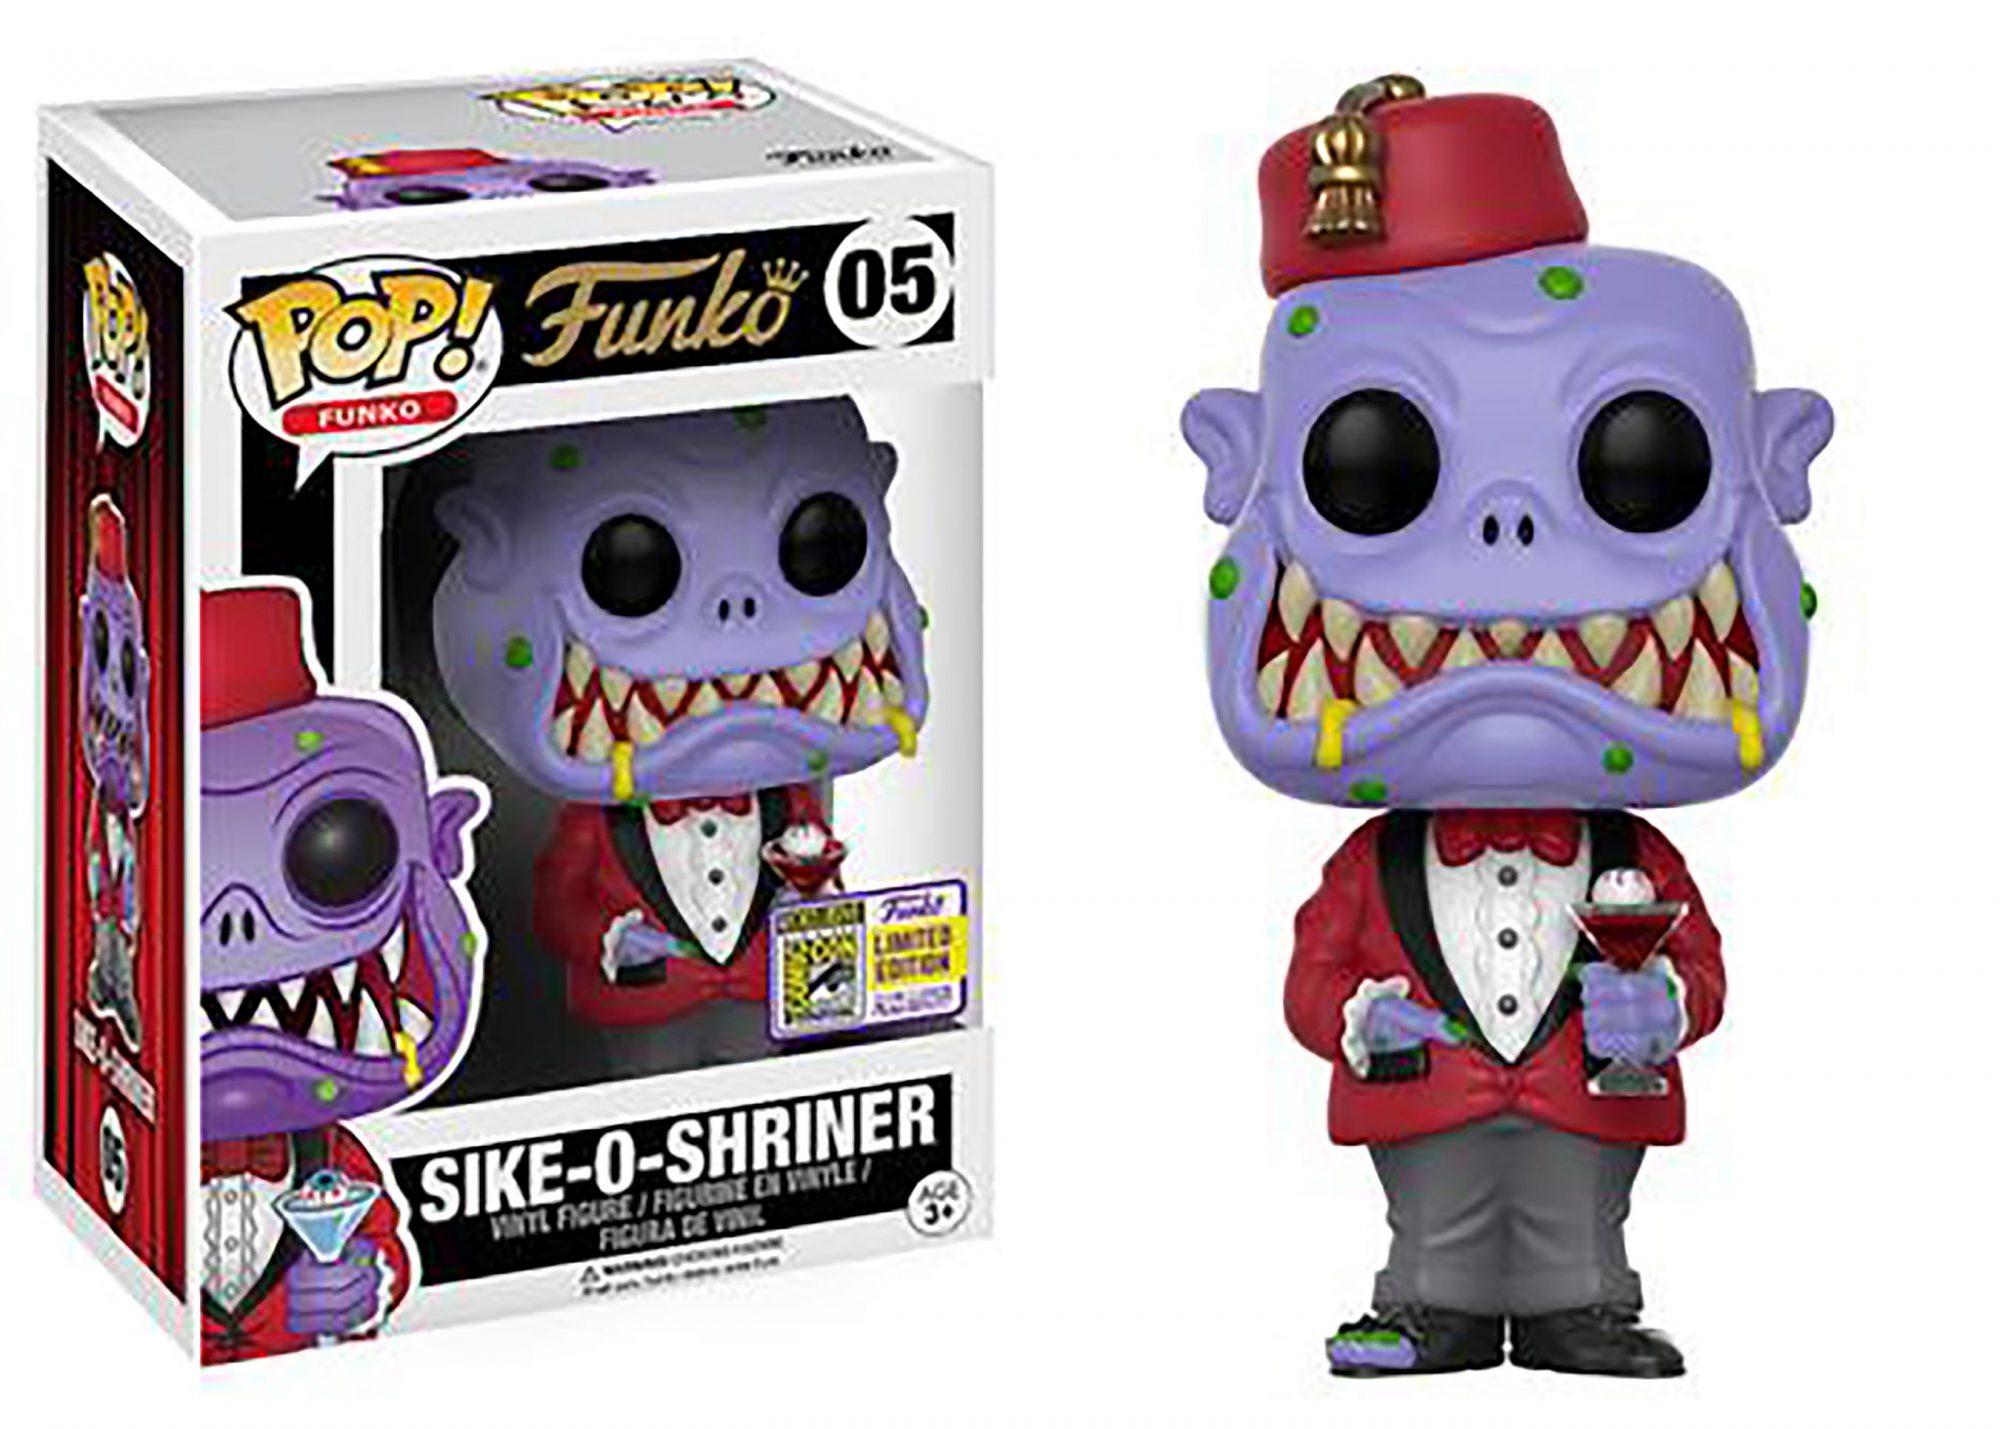 Pop! Funko: Sike-O-Shriner